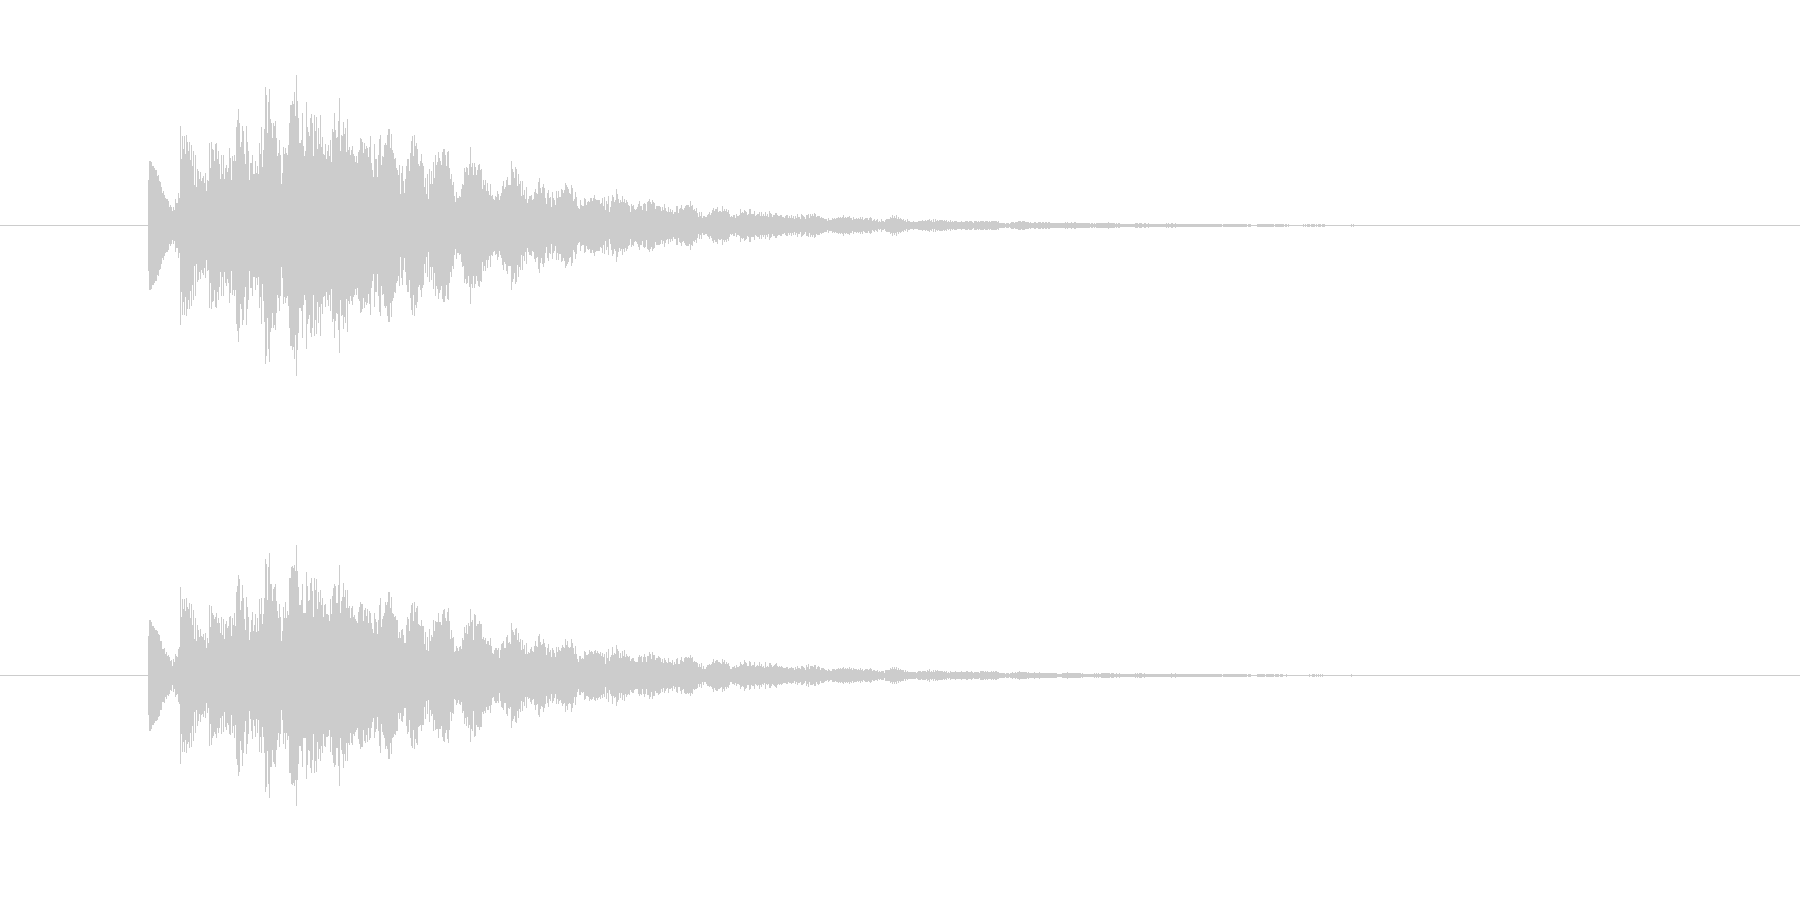 ポロロロン(エレピのジングル)の未再生の波形